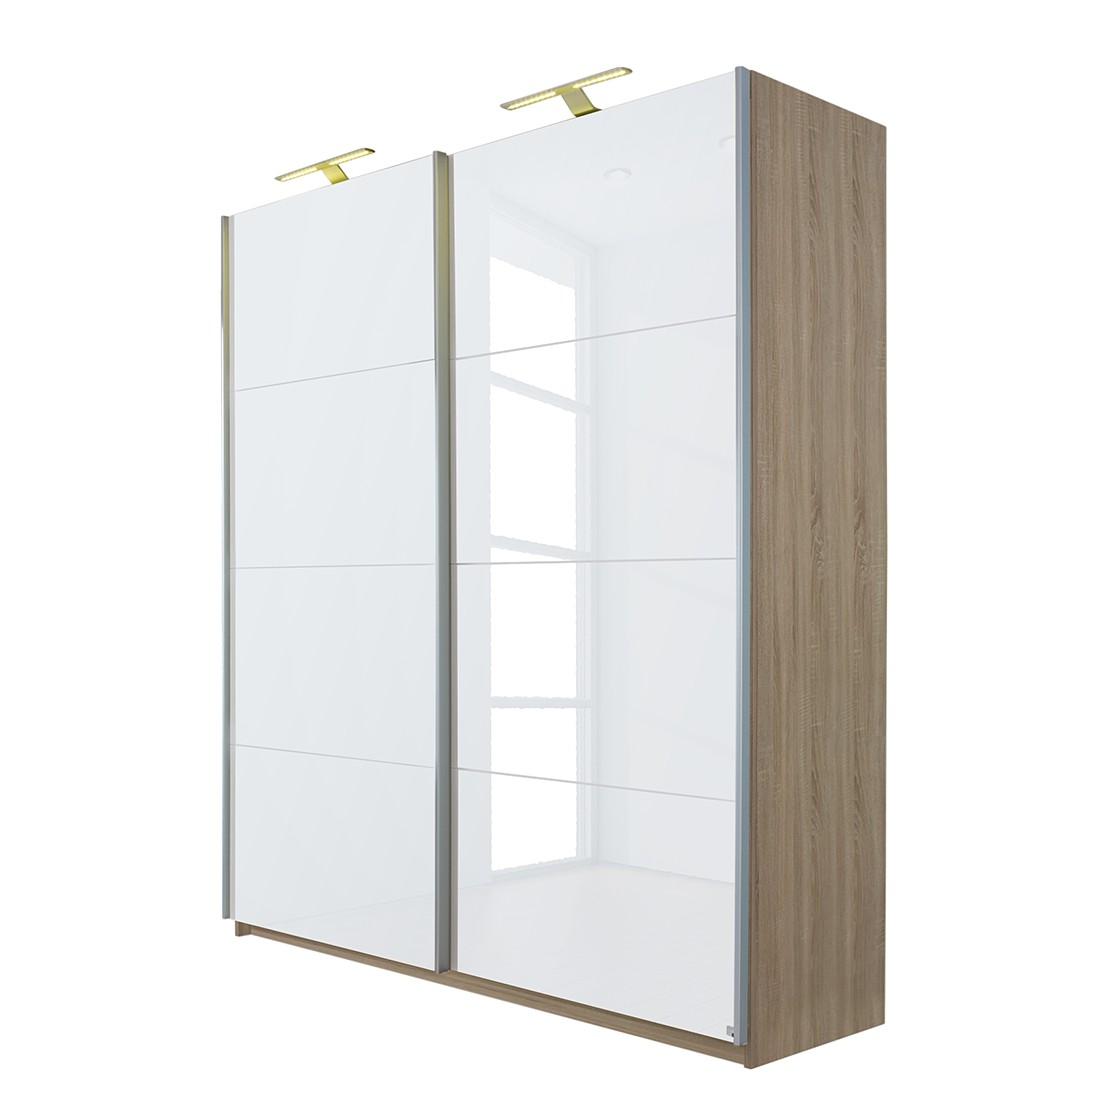 goedkoop Schuifdeurkast Beluga hoogglans wit Sonoma eikenhouten look 136cm 2 deurs 223cm Rauch Select